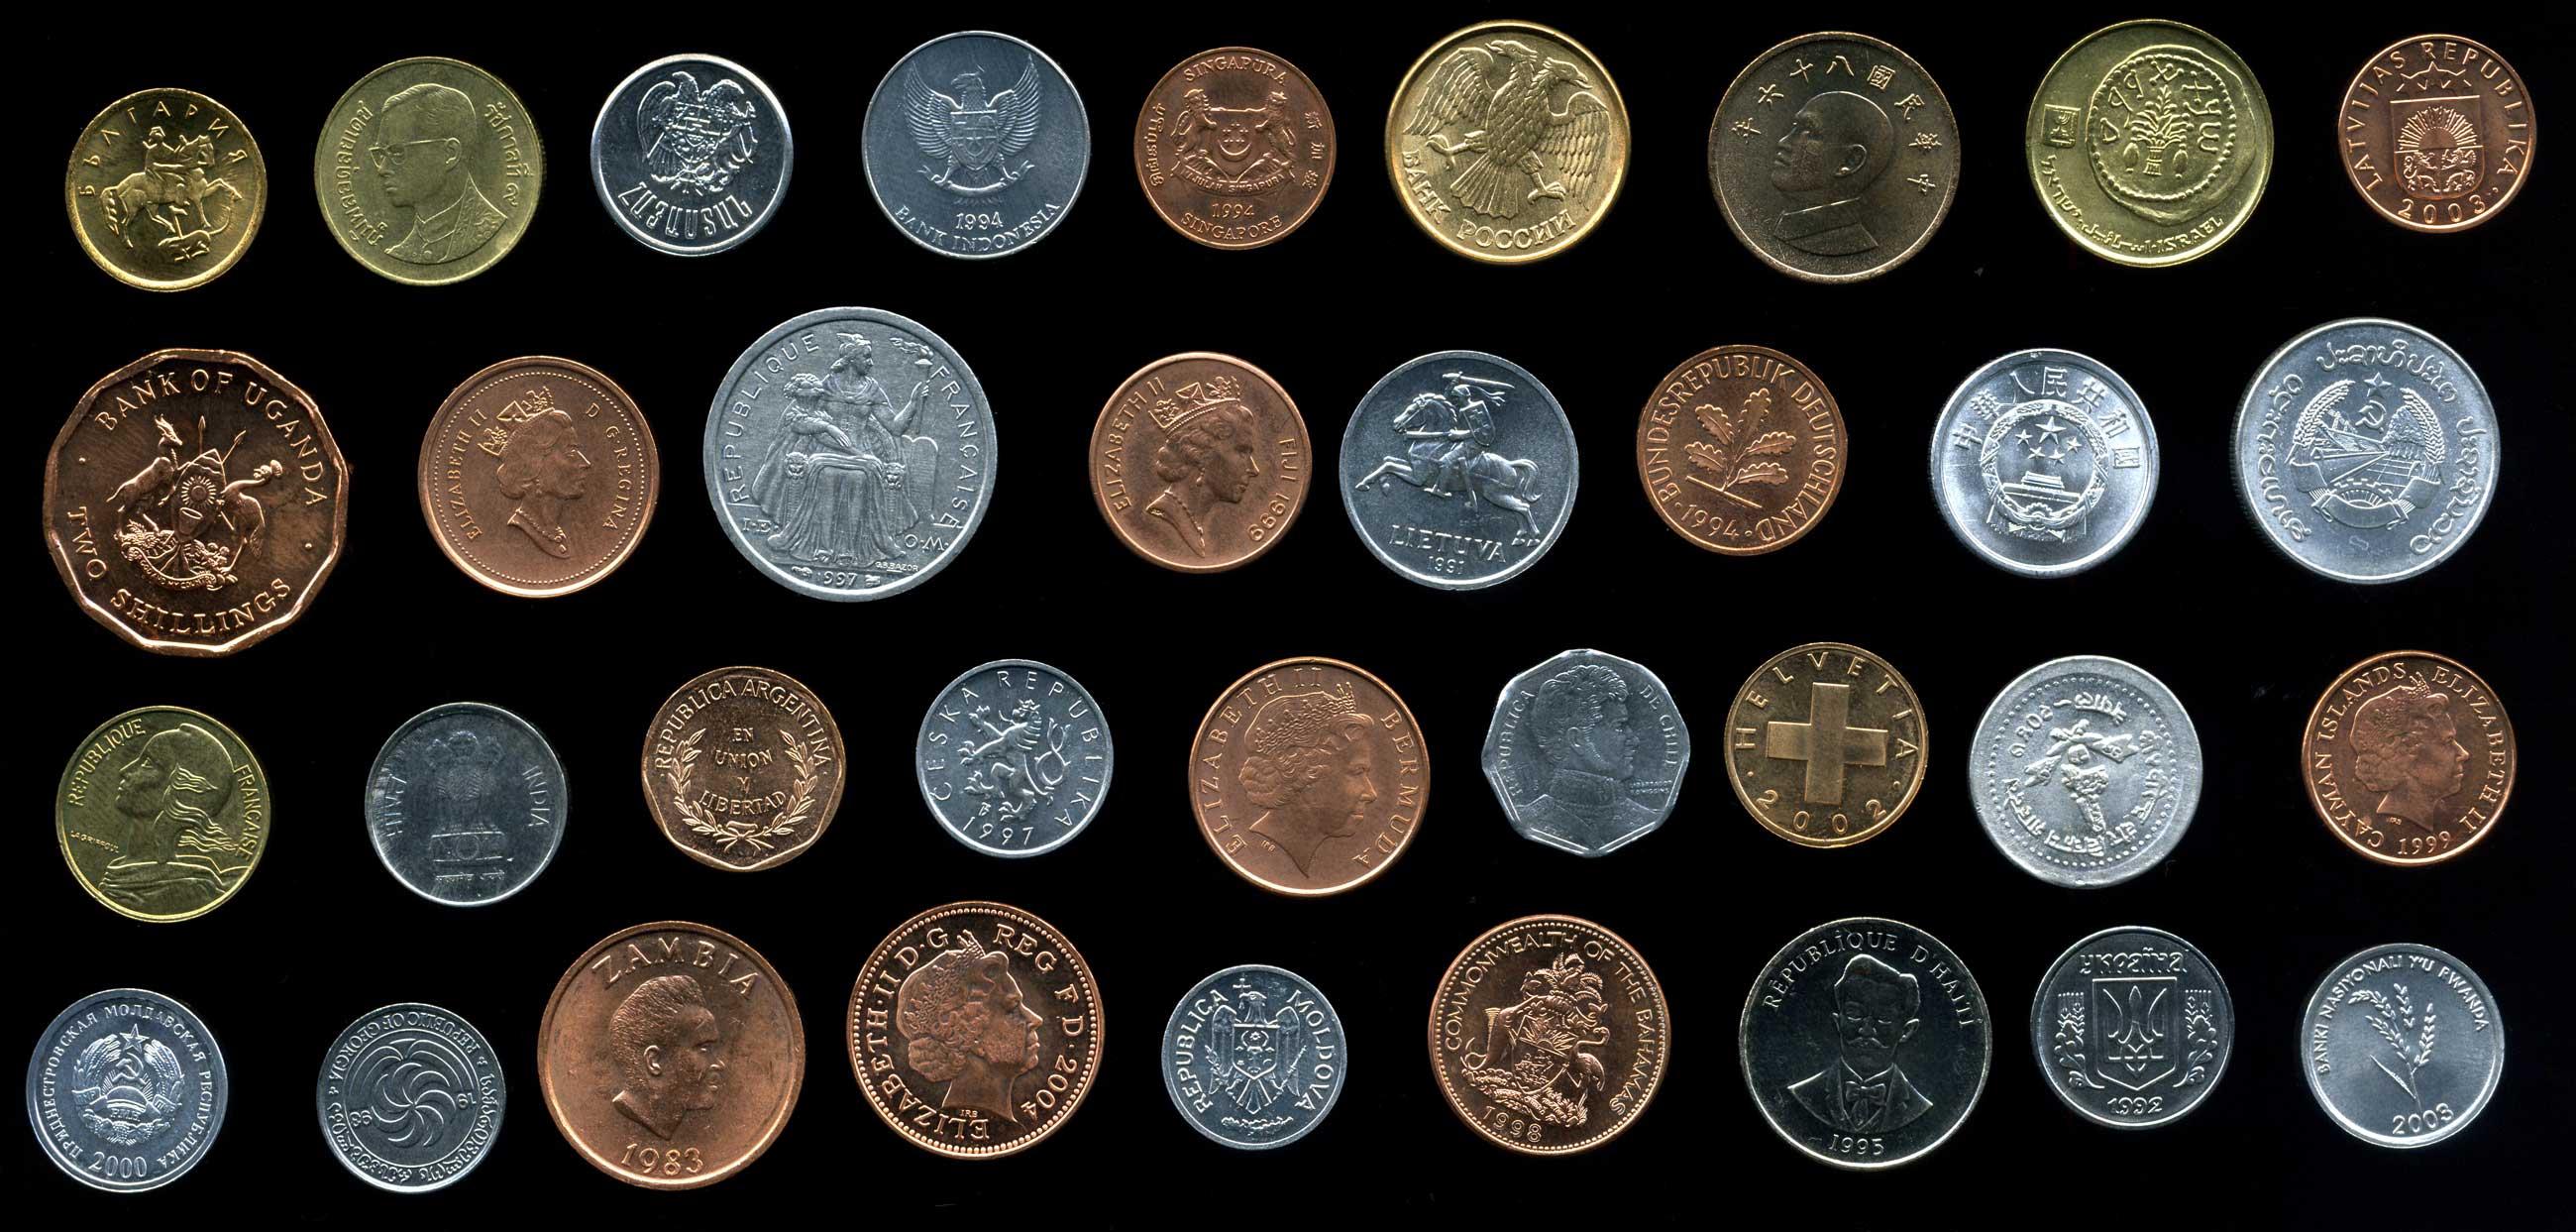 браке пары каталог иностранных монет с фото и ценами спасибо